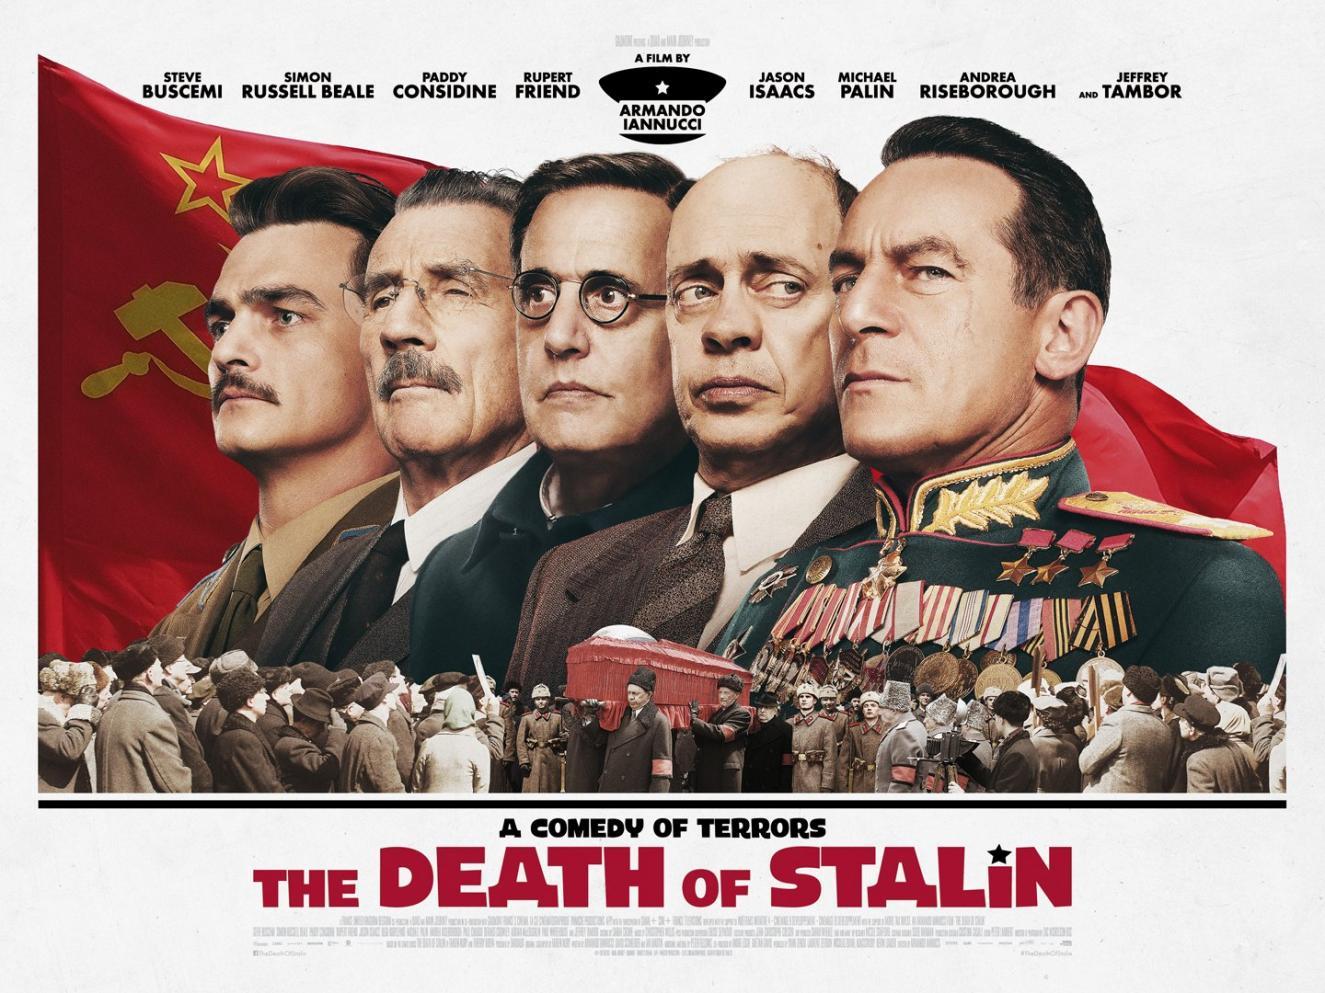 """Кинотеатр """"Пионер"""" оштрафовали на 280 тысяч рублей за показ """"Смерти Сталина"""""""